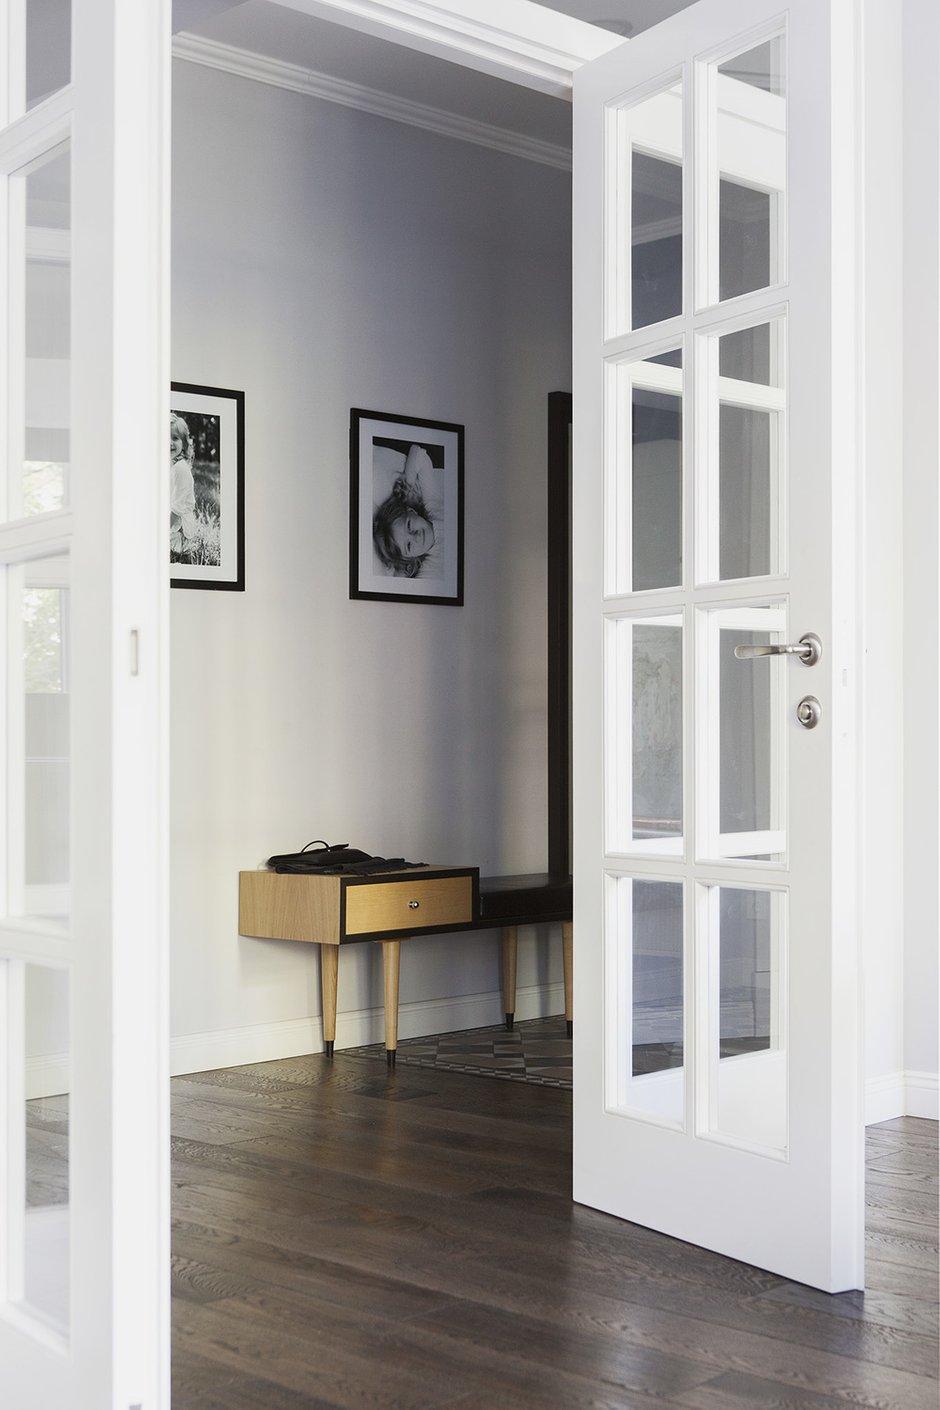 Фотография: Прихожая в стиле Современный, Квартира, Проект недели, Москва, Кирпичный дом, Катя Алагич, Илья Гульянц, El Born Studio, дом серии II-14 – фото на INMYROOM